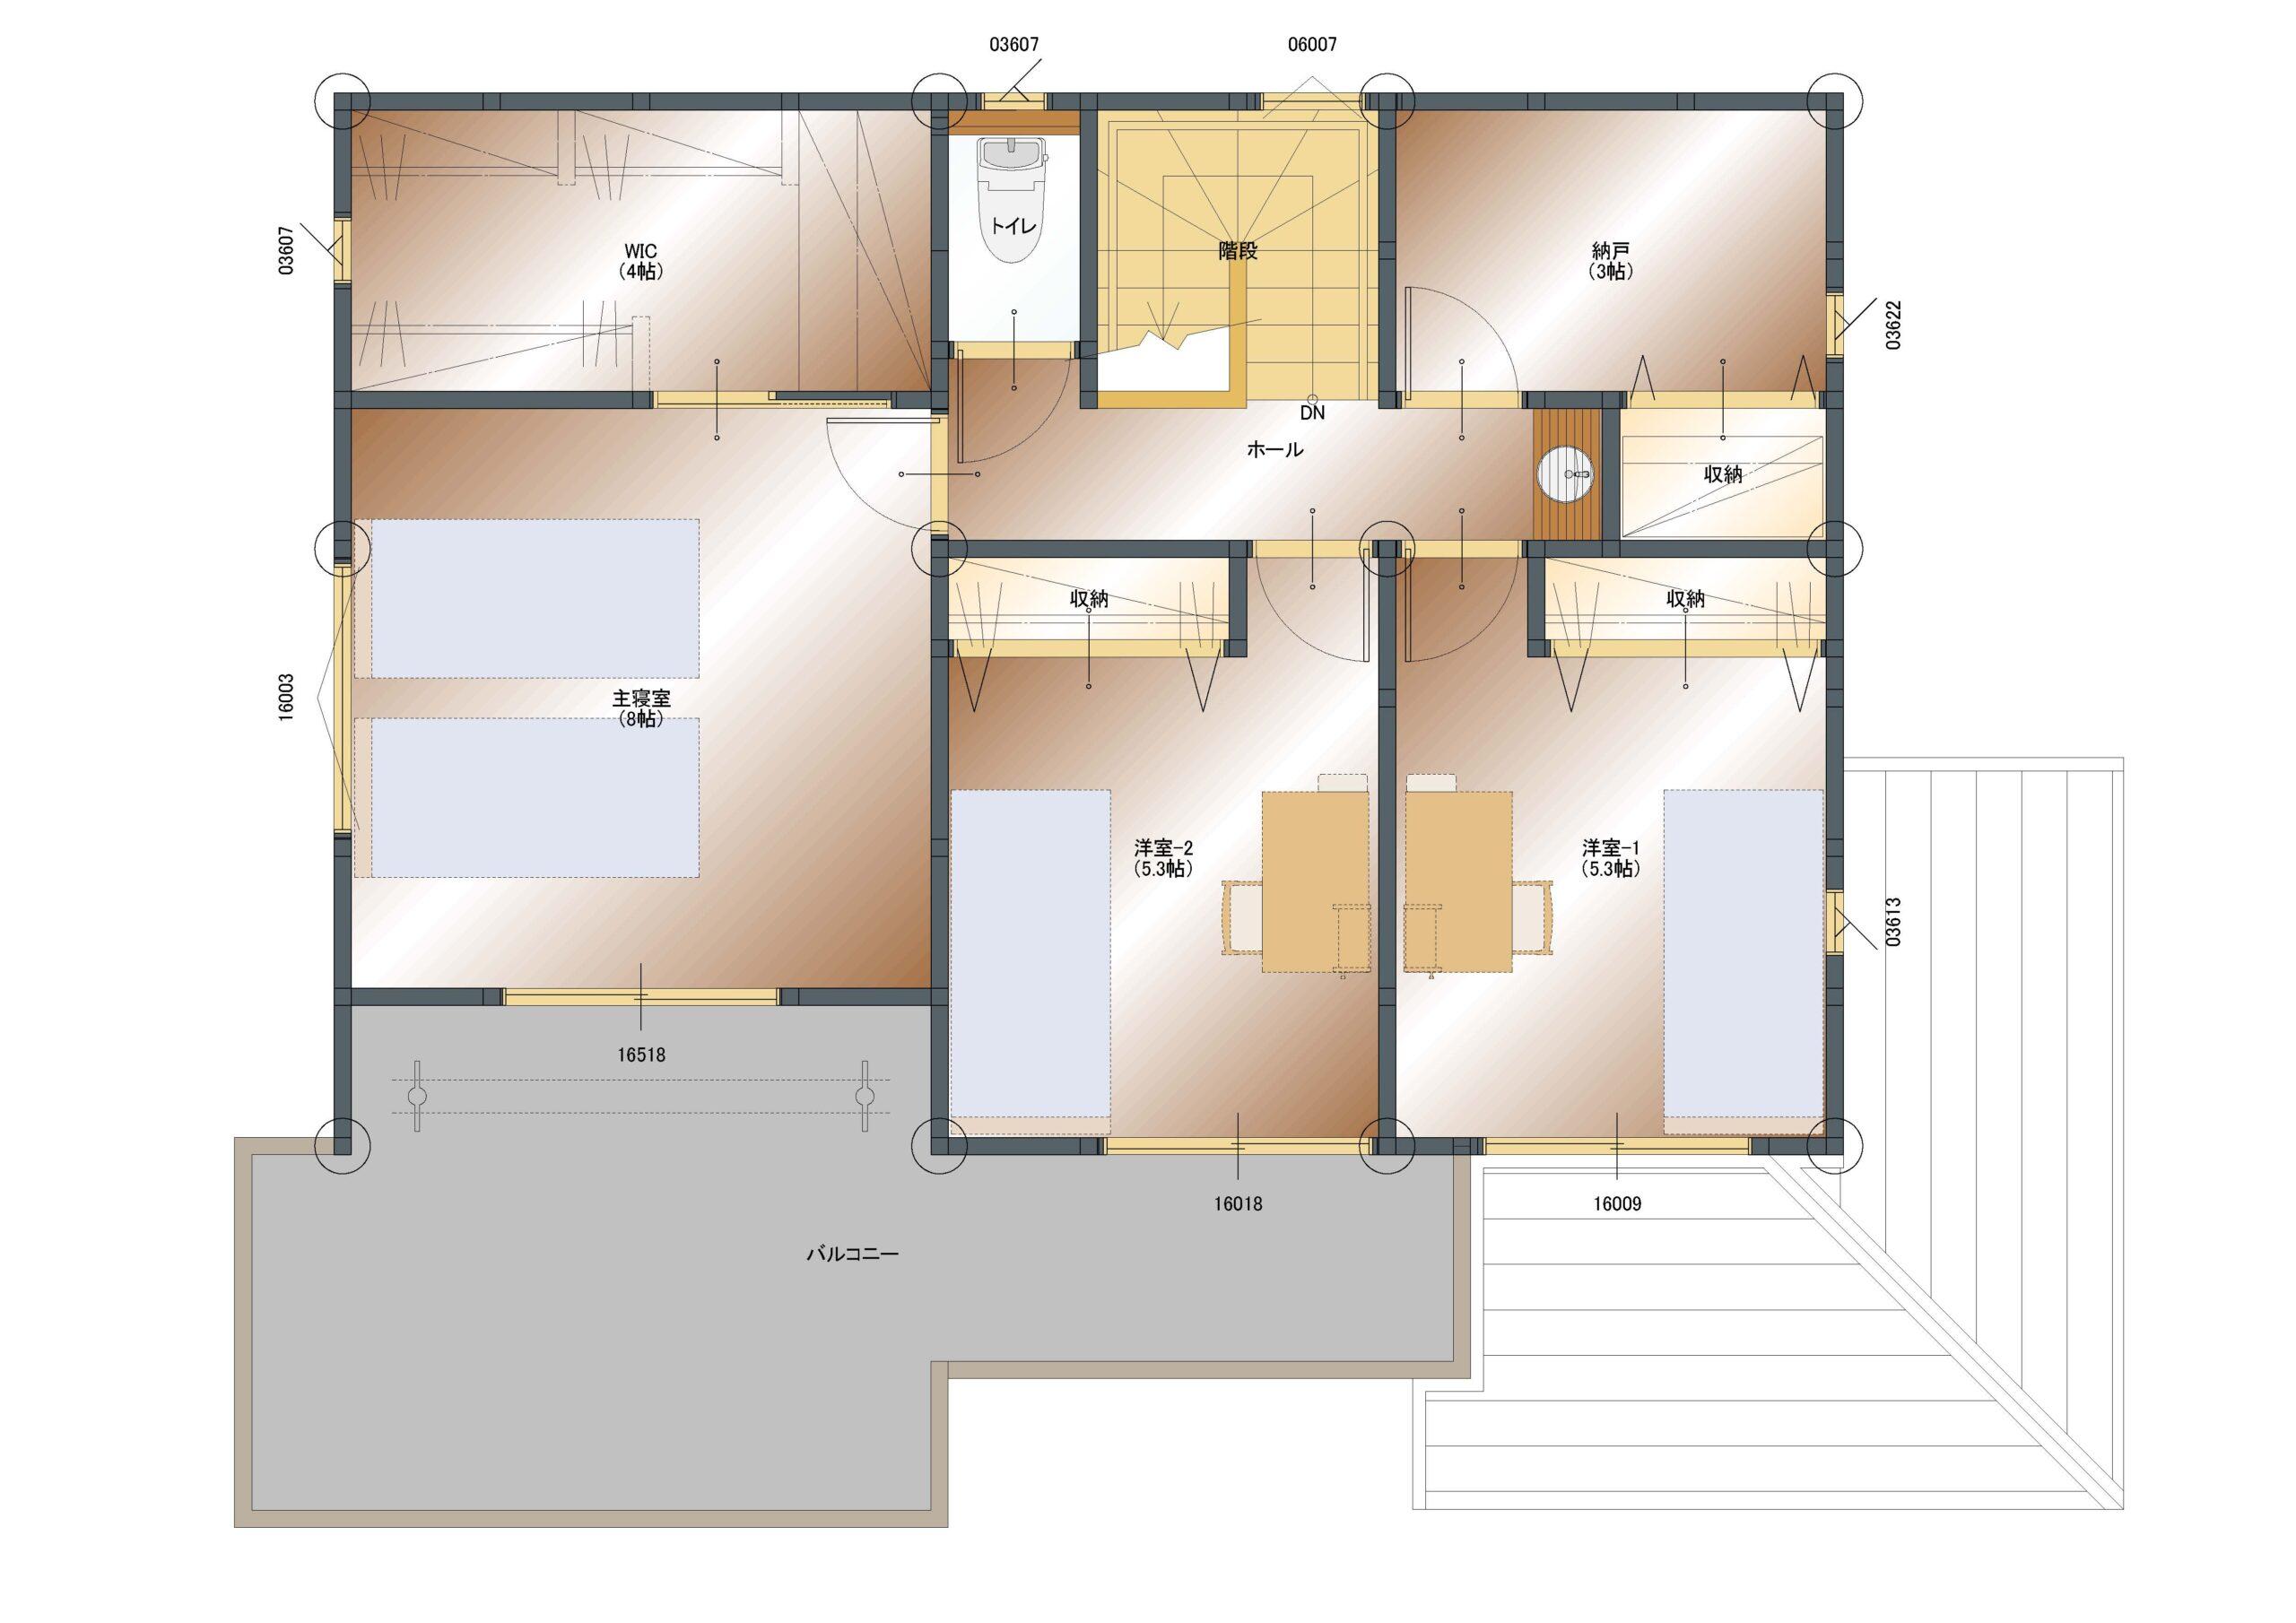 飯喰B-4 2階平面図